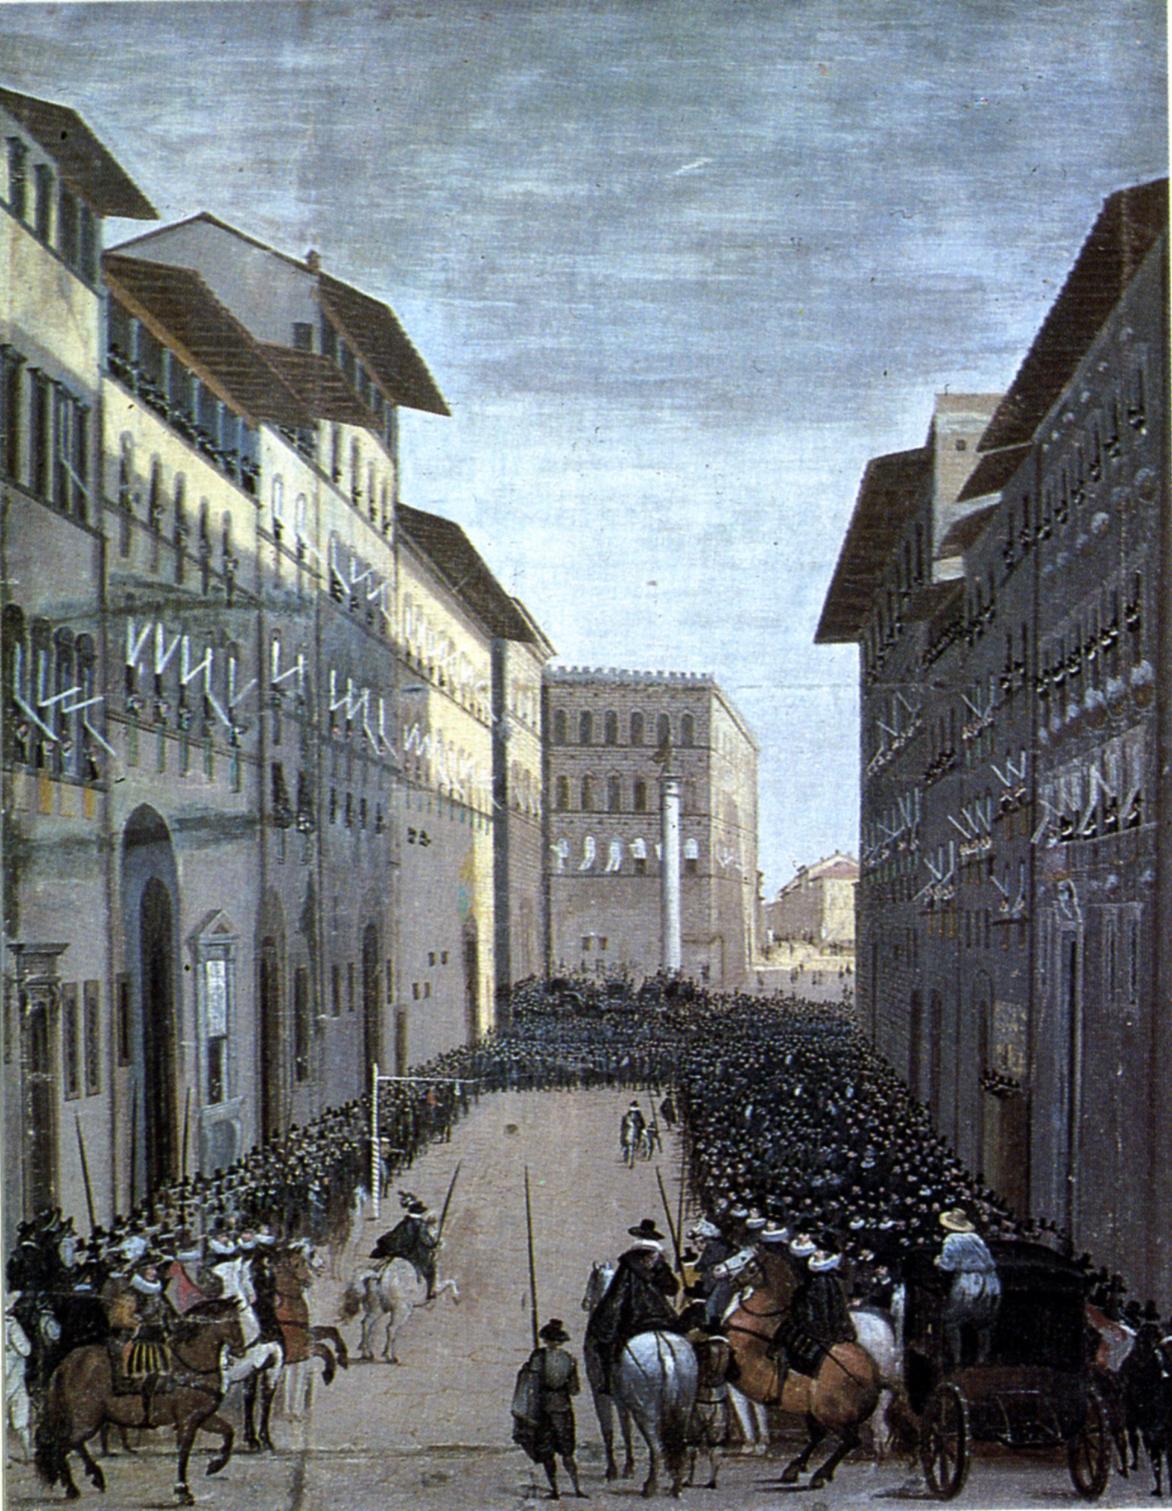 Parte Guelfa Giovanni Stradano Jan Van der Straet Giostra del Giglio il gioco dellanello veduta XVII secolo